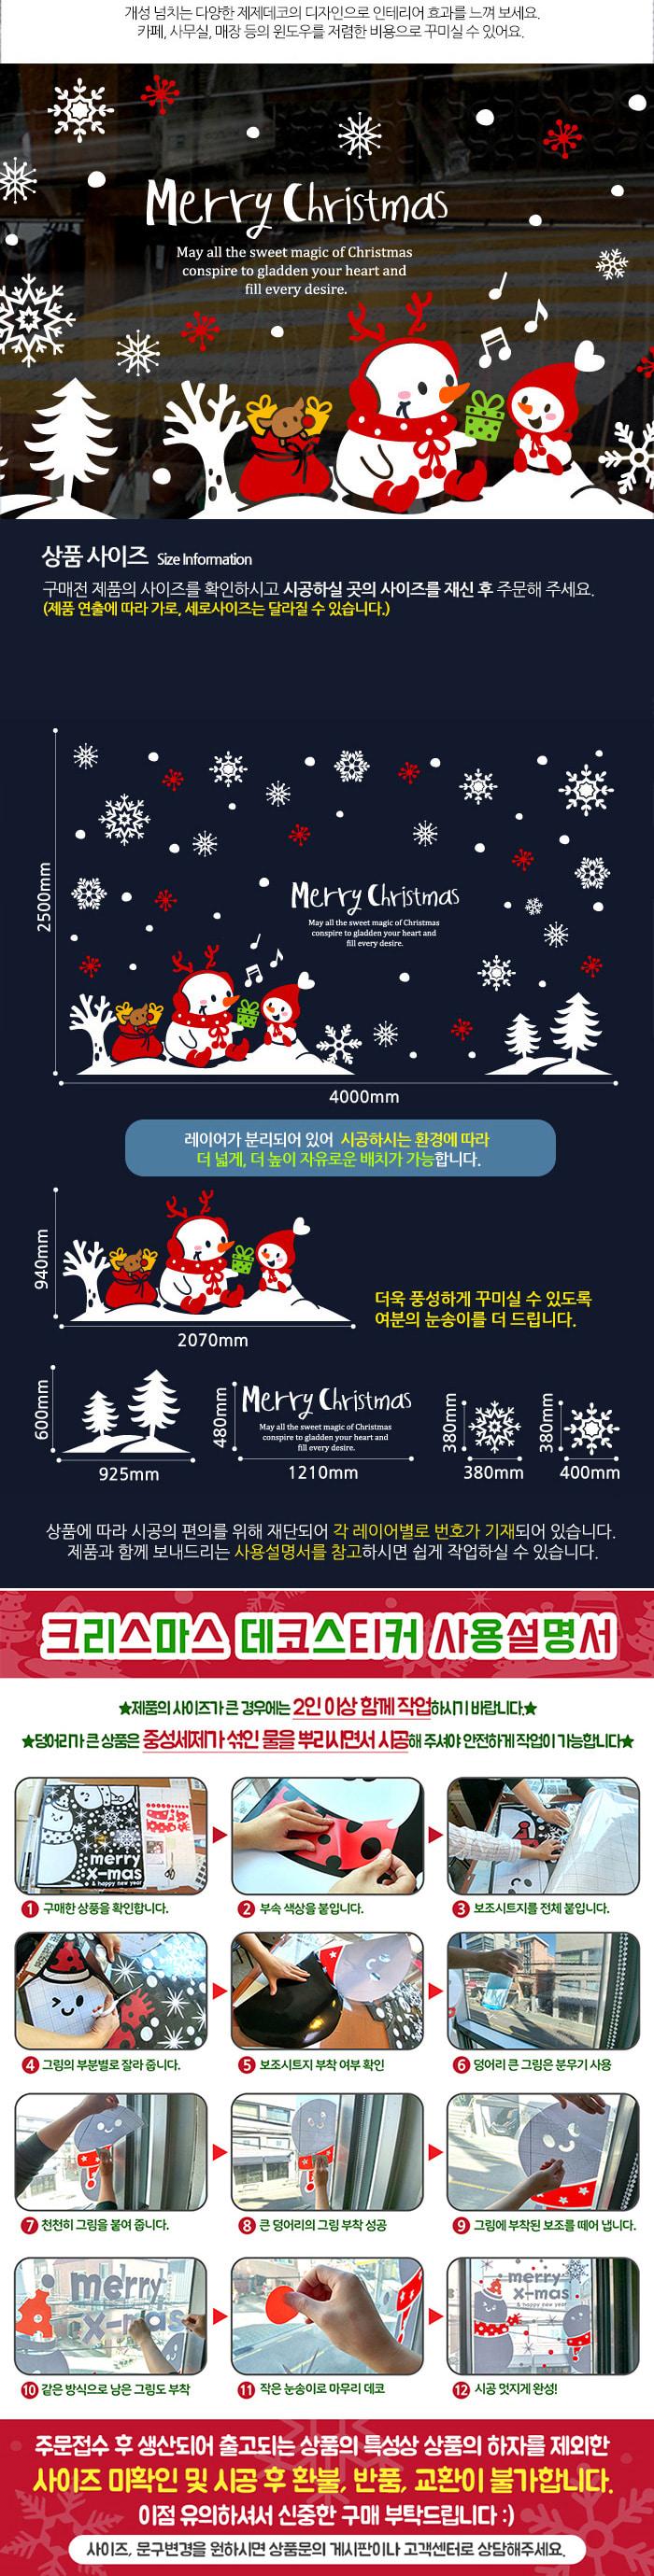 크리스마스 시트지 눈꽃 스티커 19CMJS5046 - 제제데코, 78,000원, 월데코스티커, 계절/시즌